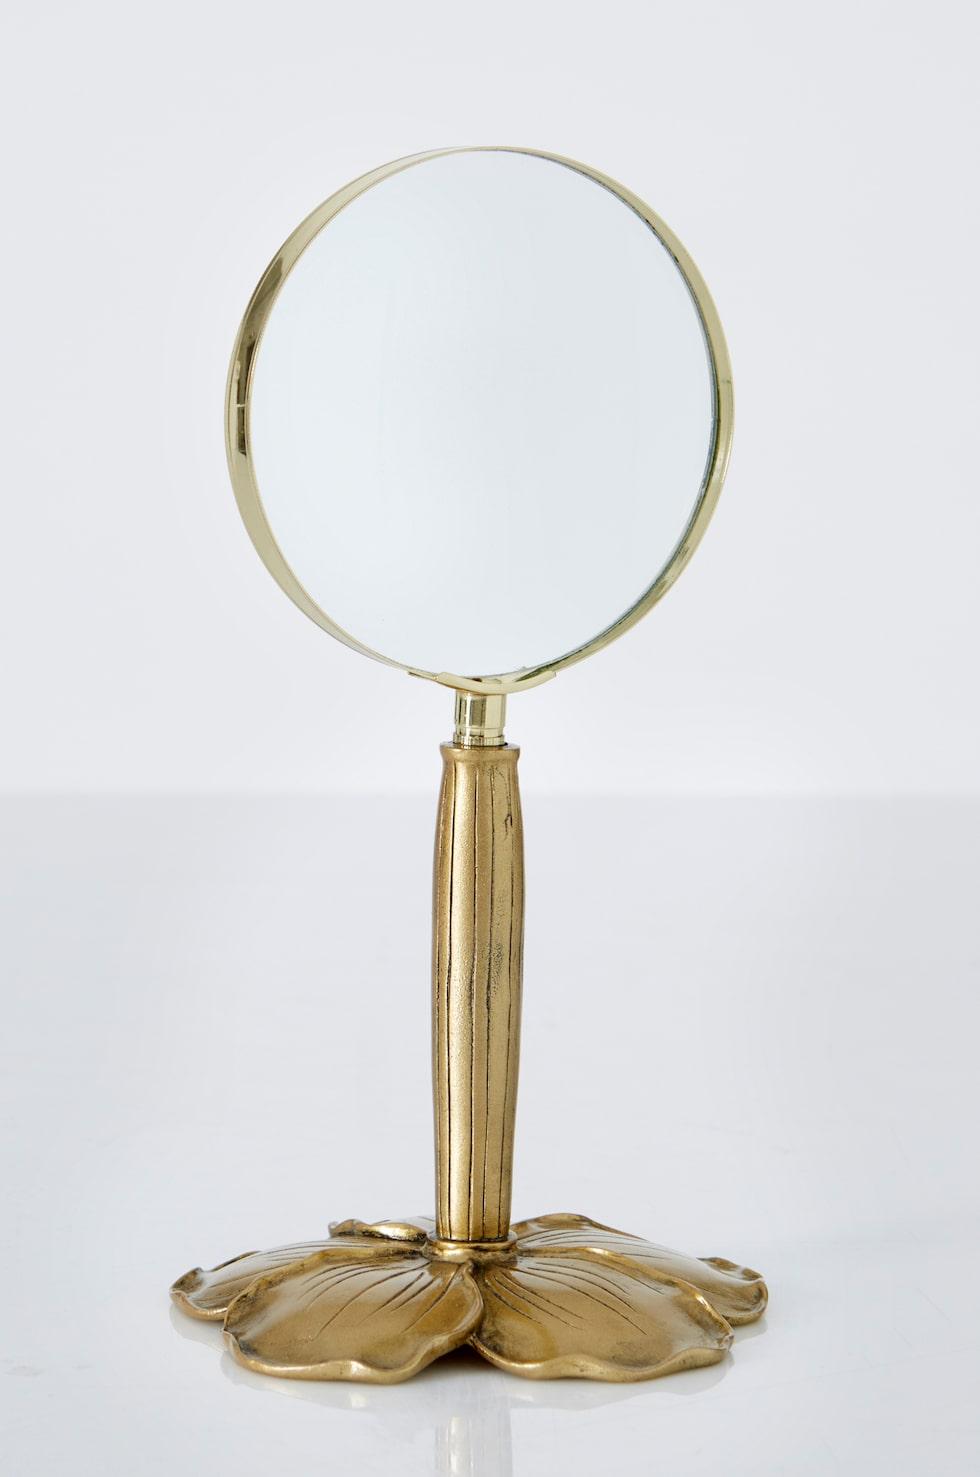 """""""Velona"""" heter förstoringsglaset/spegeln på fot av fint arbetad mässingfärgad metall i form av en blomma. Höjd 23 cm. Glasets diameter ca 10 cm. Pris: 399 kronor."""